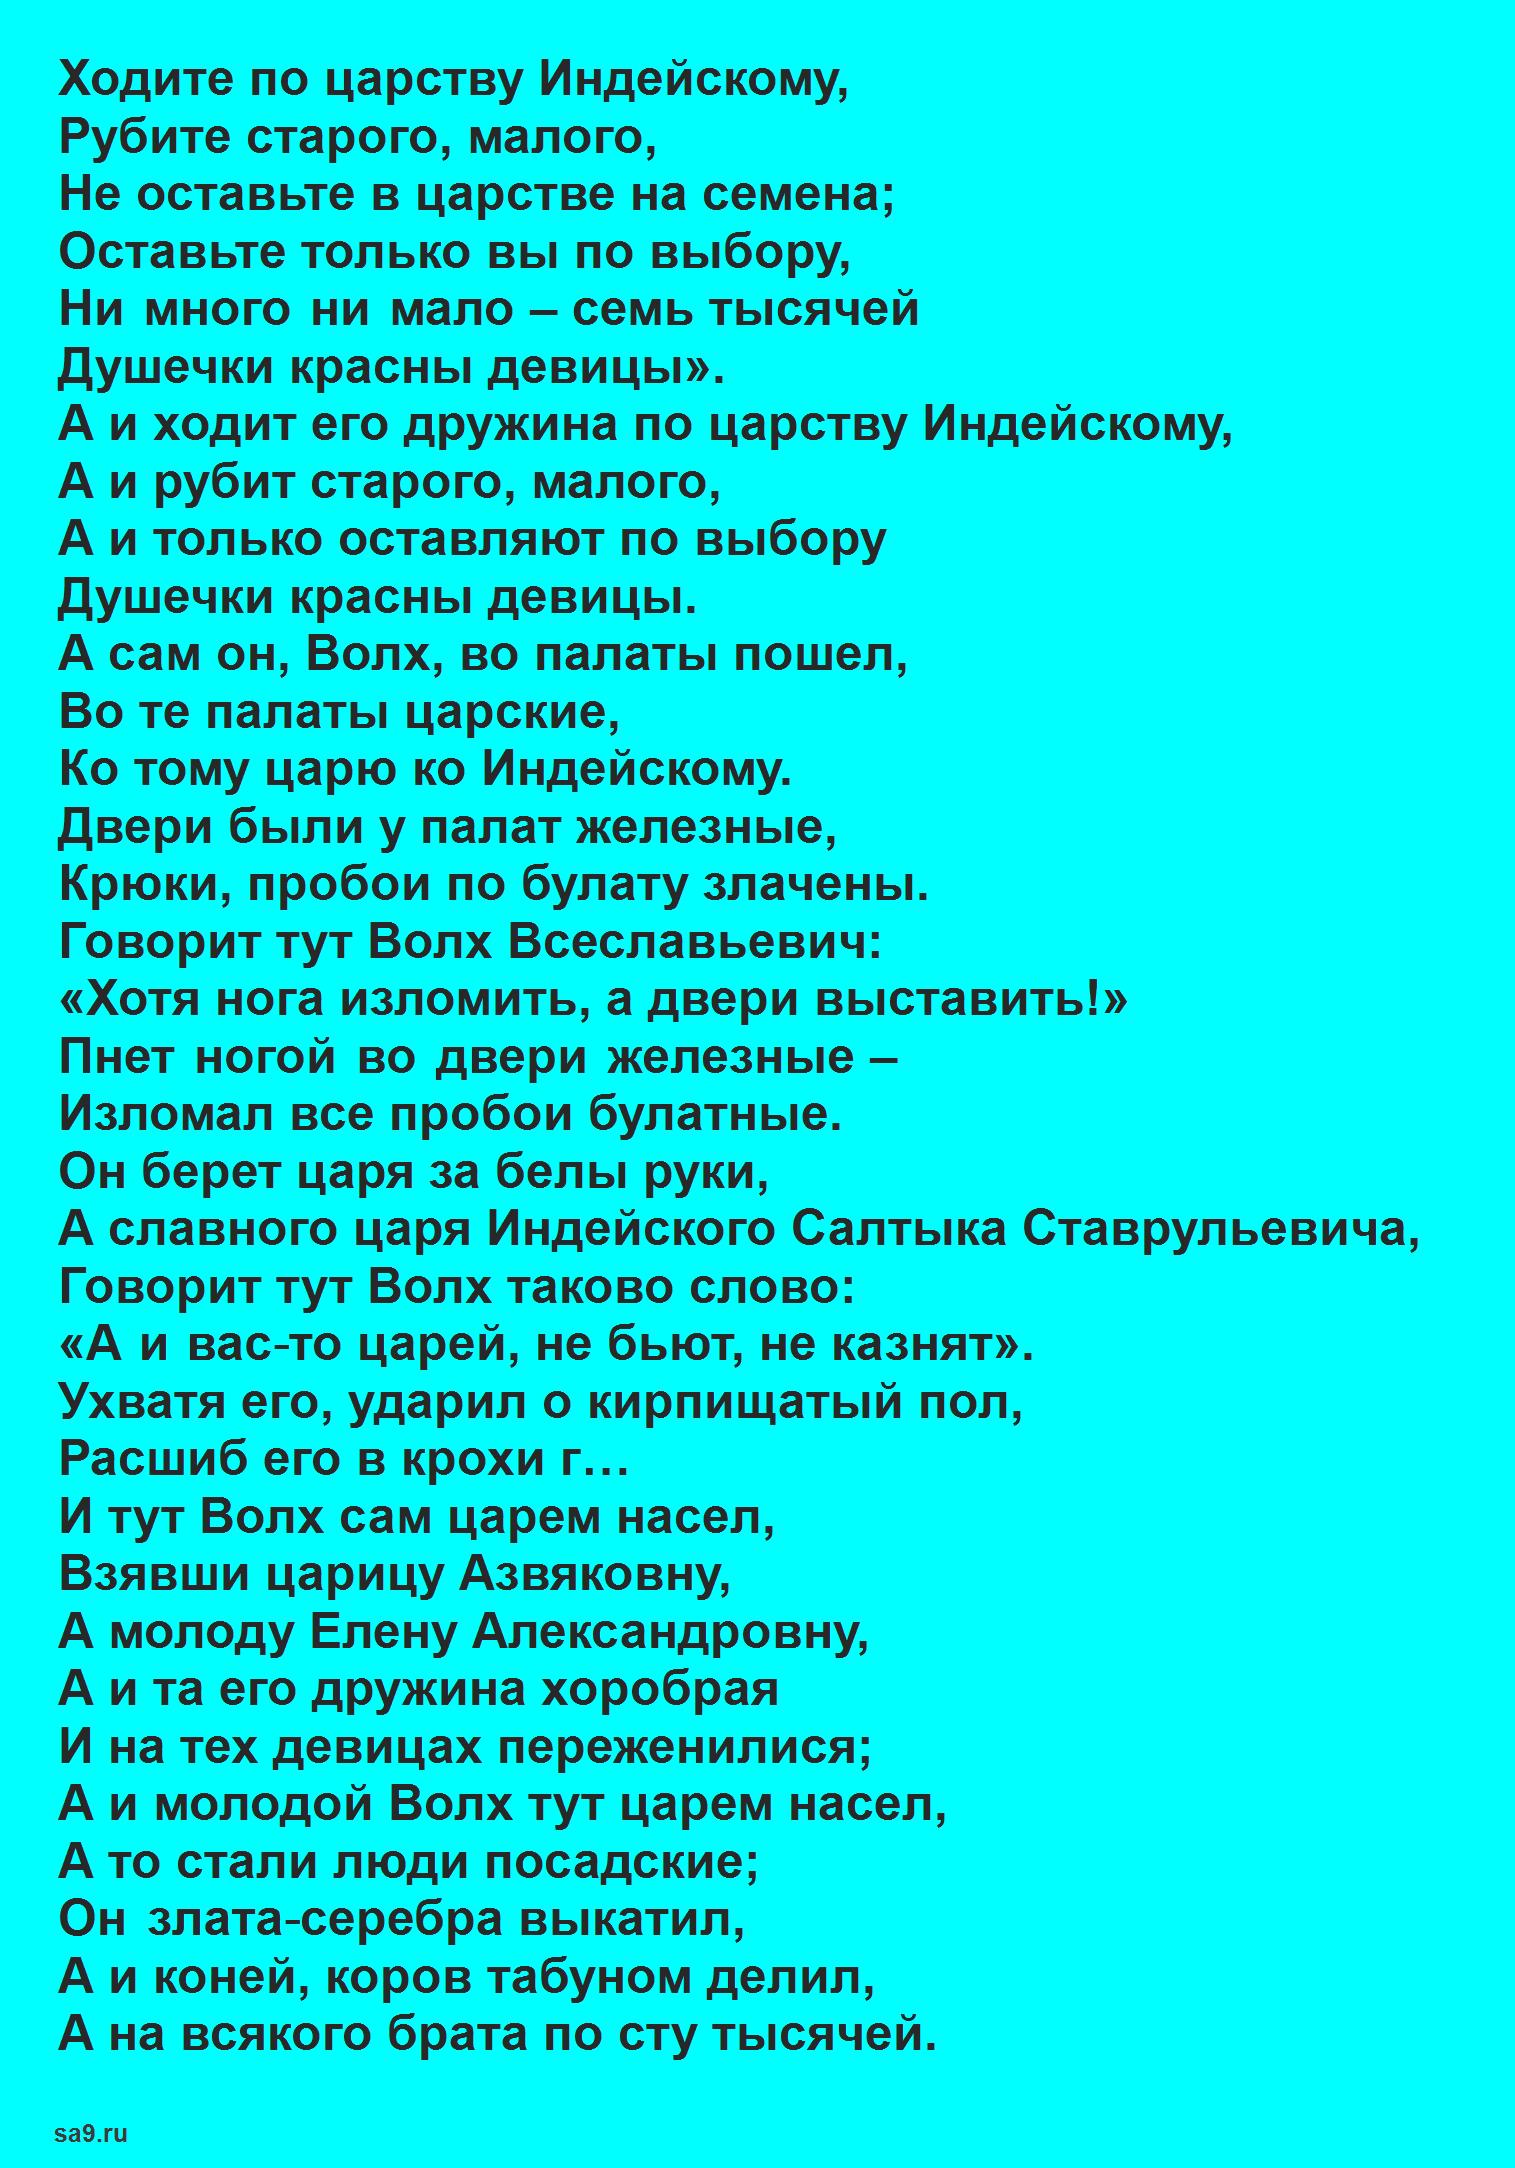 Читать былину - Волх Всеславьевич, полностью бесплатно